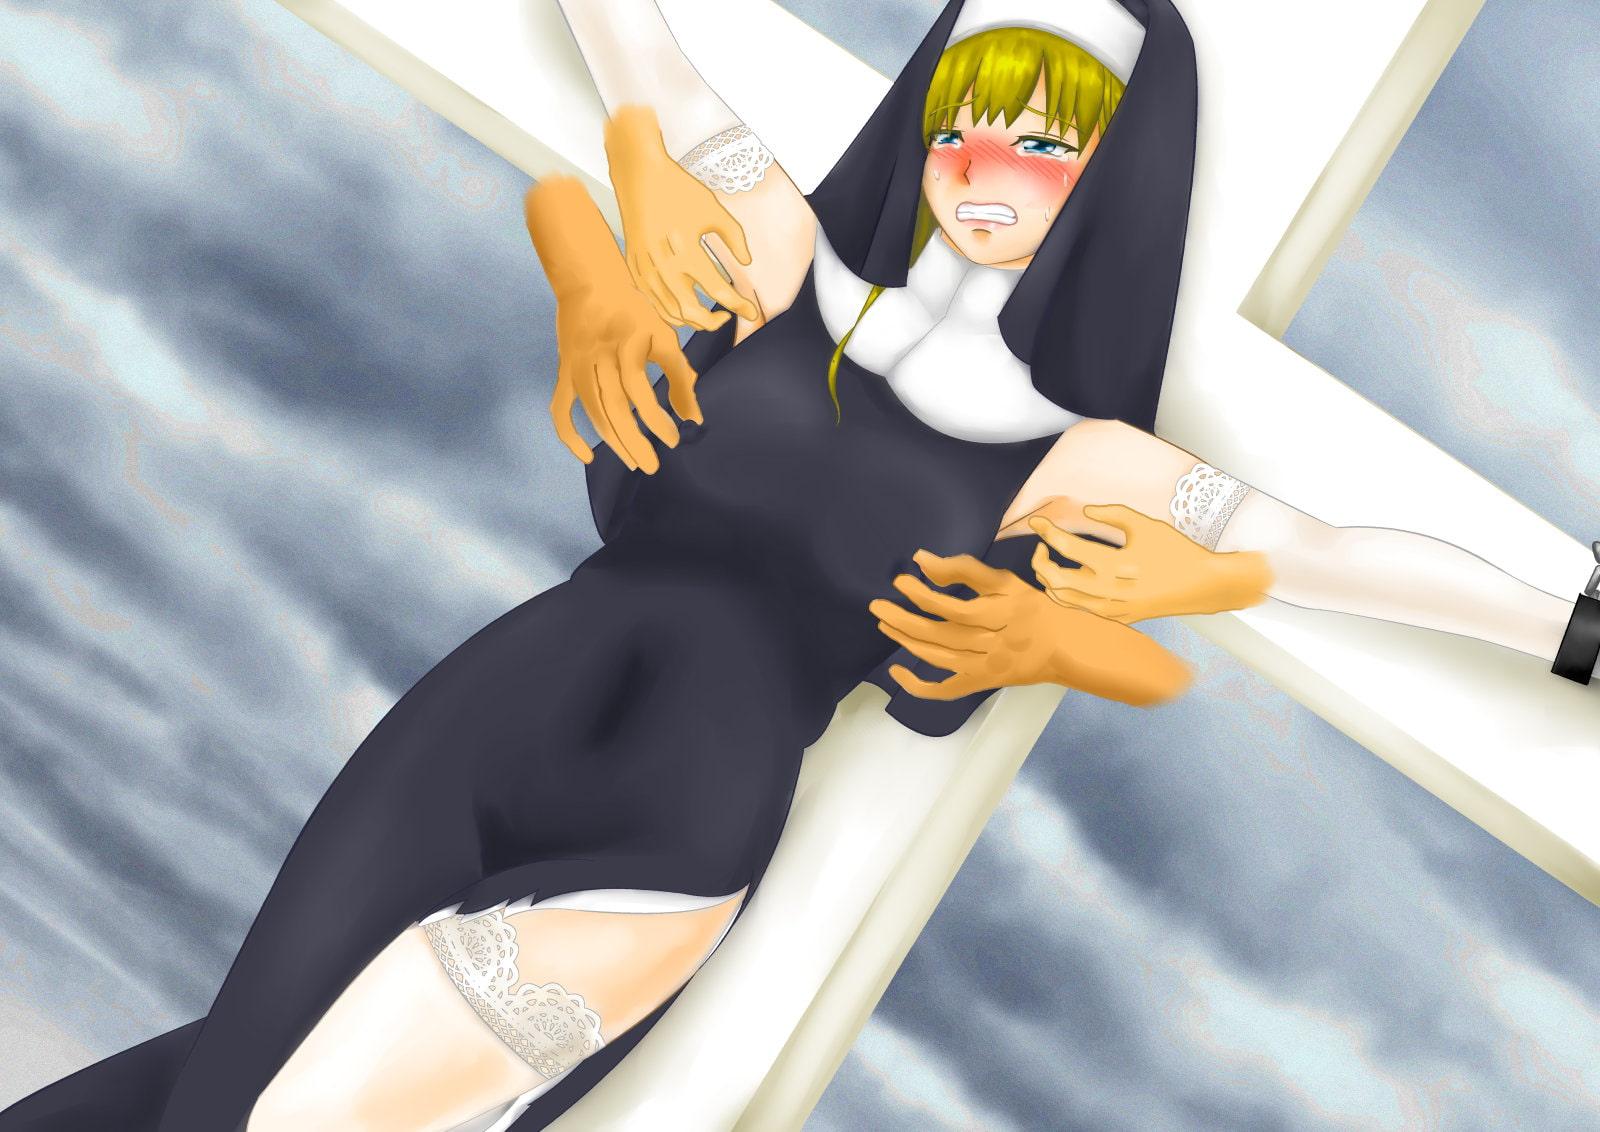 清楚なシスターが禁欲の名の元に何年も寸止め地獄責め! 磔くすぐり、貞操帯、触手アイアンメイデンで絶頂禁止快楽拷問